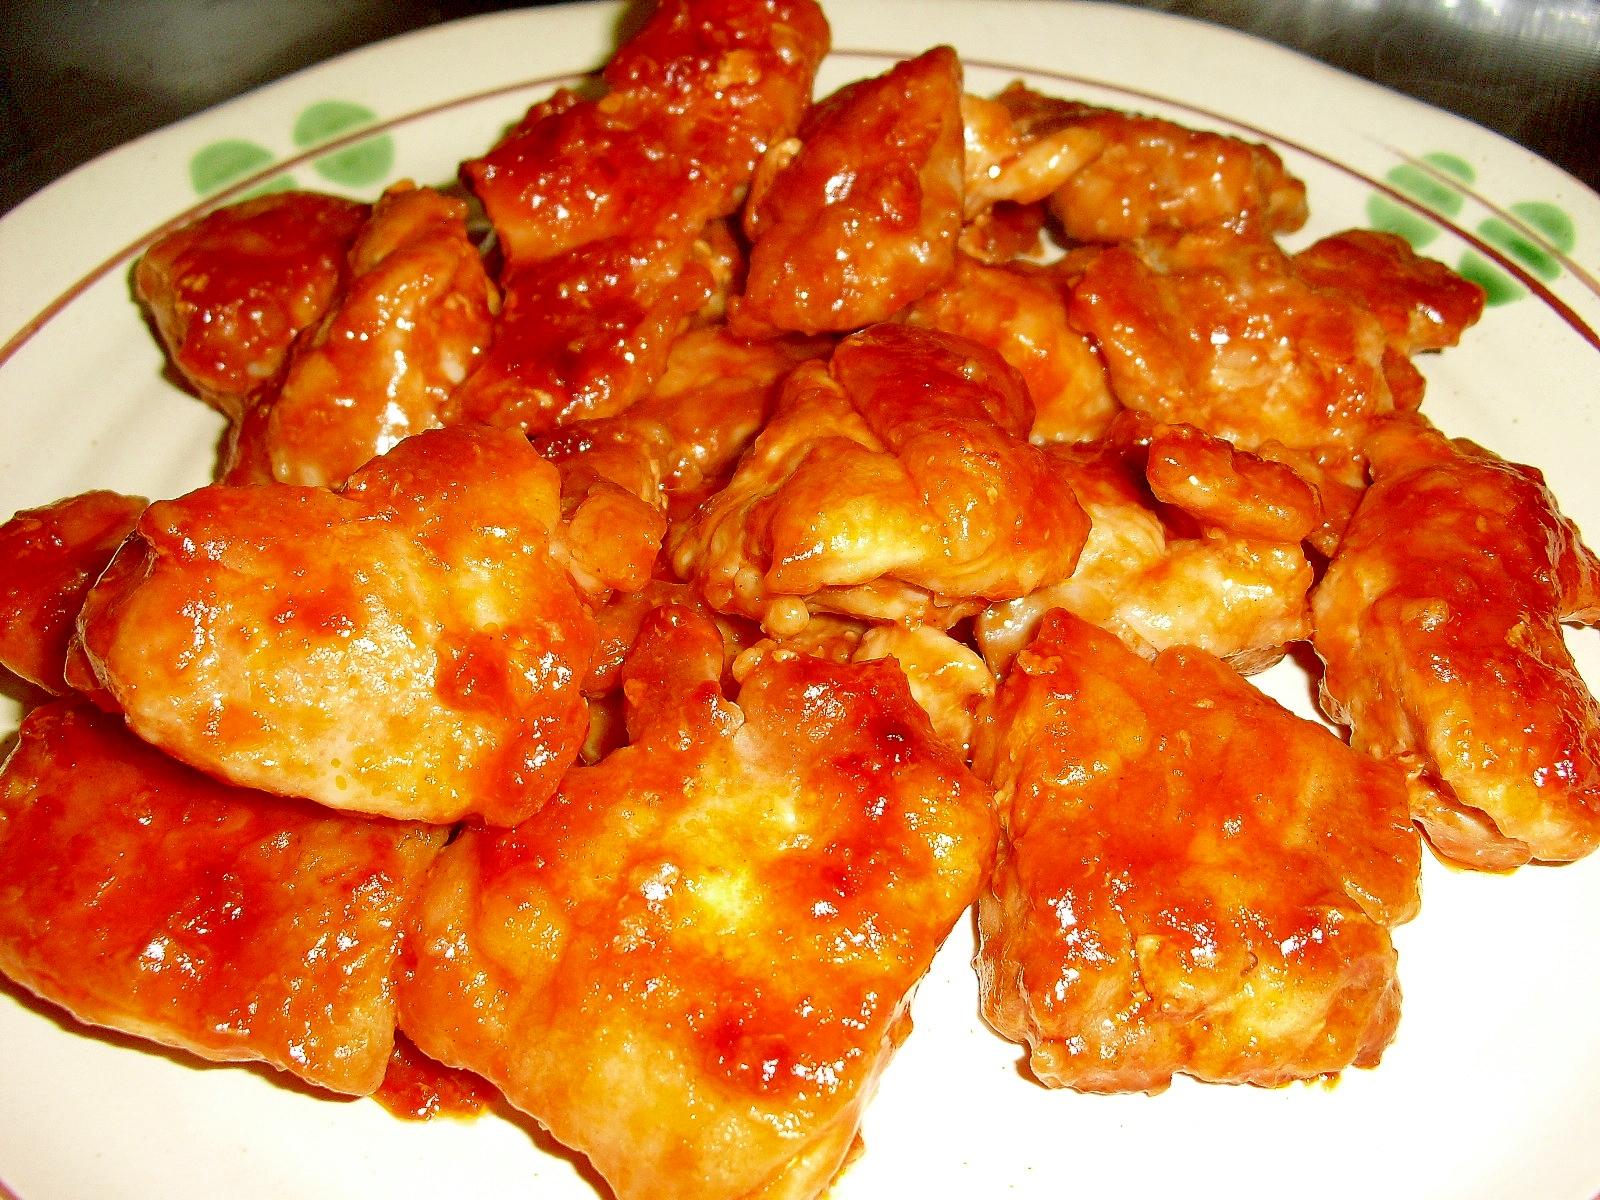 お弁当にも♪我が家の\u201c鶏肉のバーベキューソース\u201d レシピ・作り方 by miyu71174|楽天レシピ